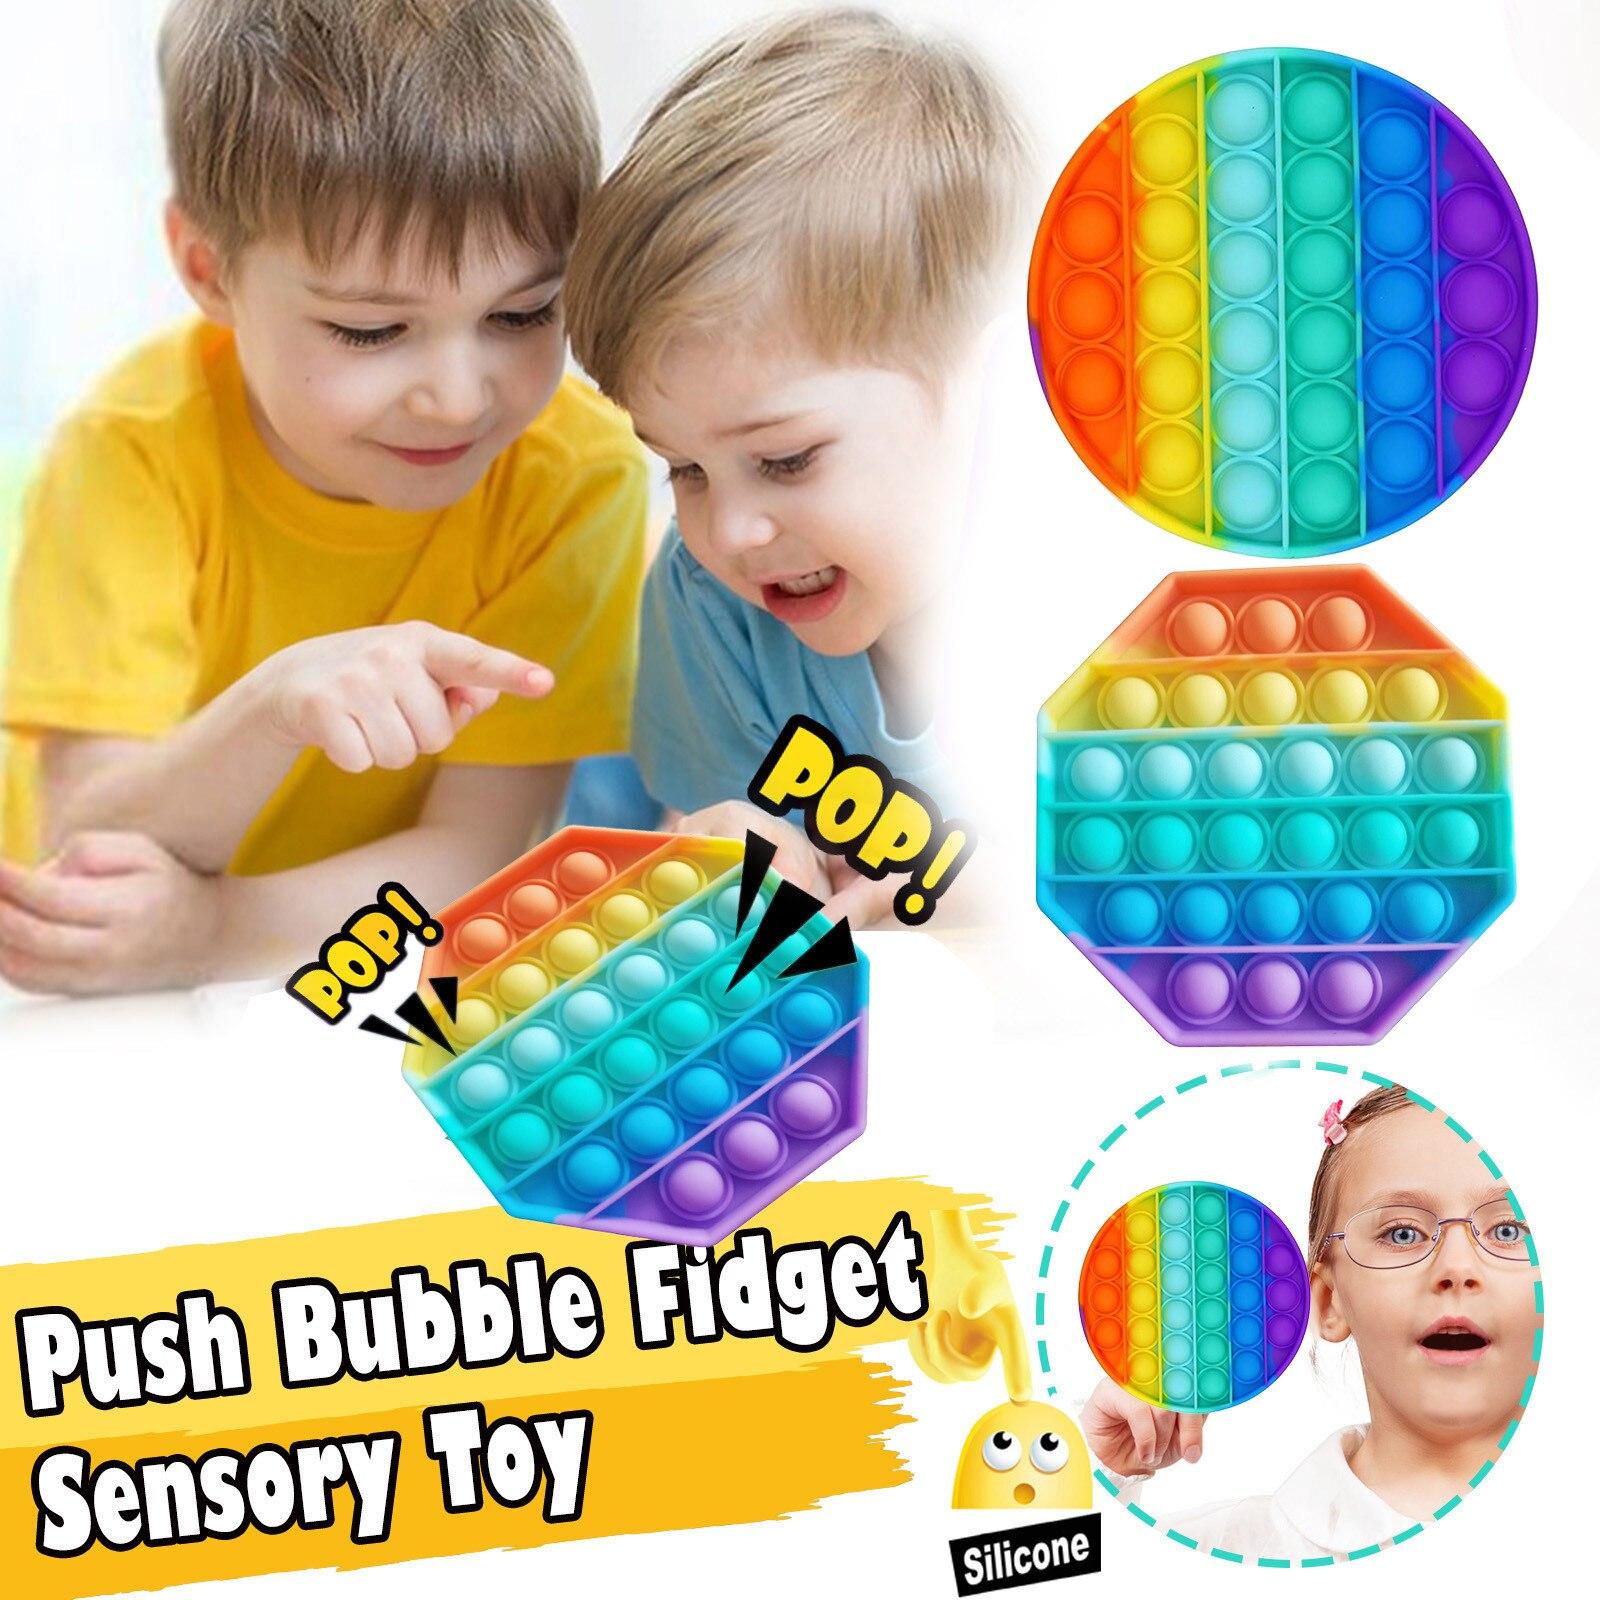 fidget-juguete-divertido-papa-fidget-juguetes-anti-estres-adultos-ninos-empuje-de-fidget-juguete-sensorial-squishy-jouet-pour-autiste